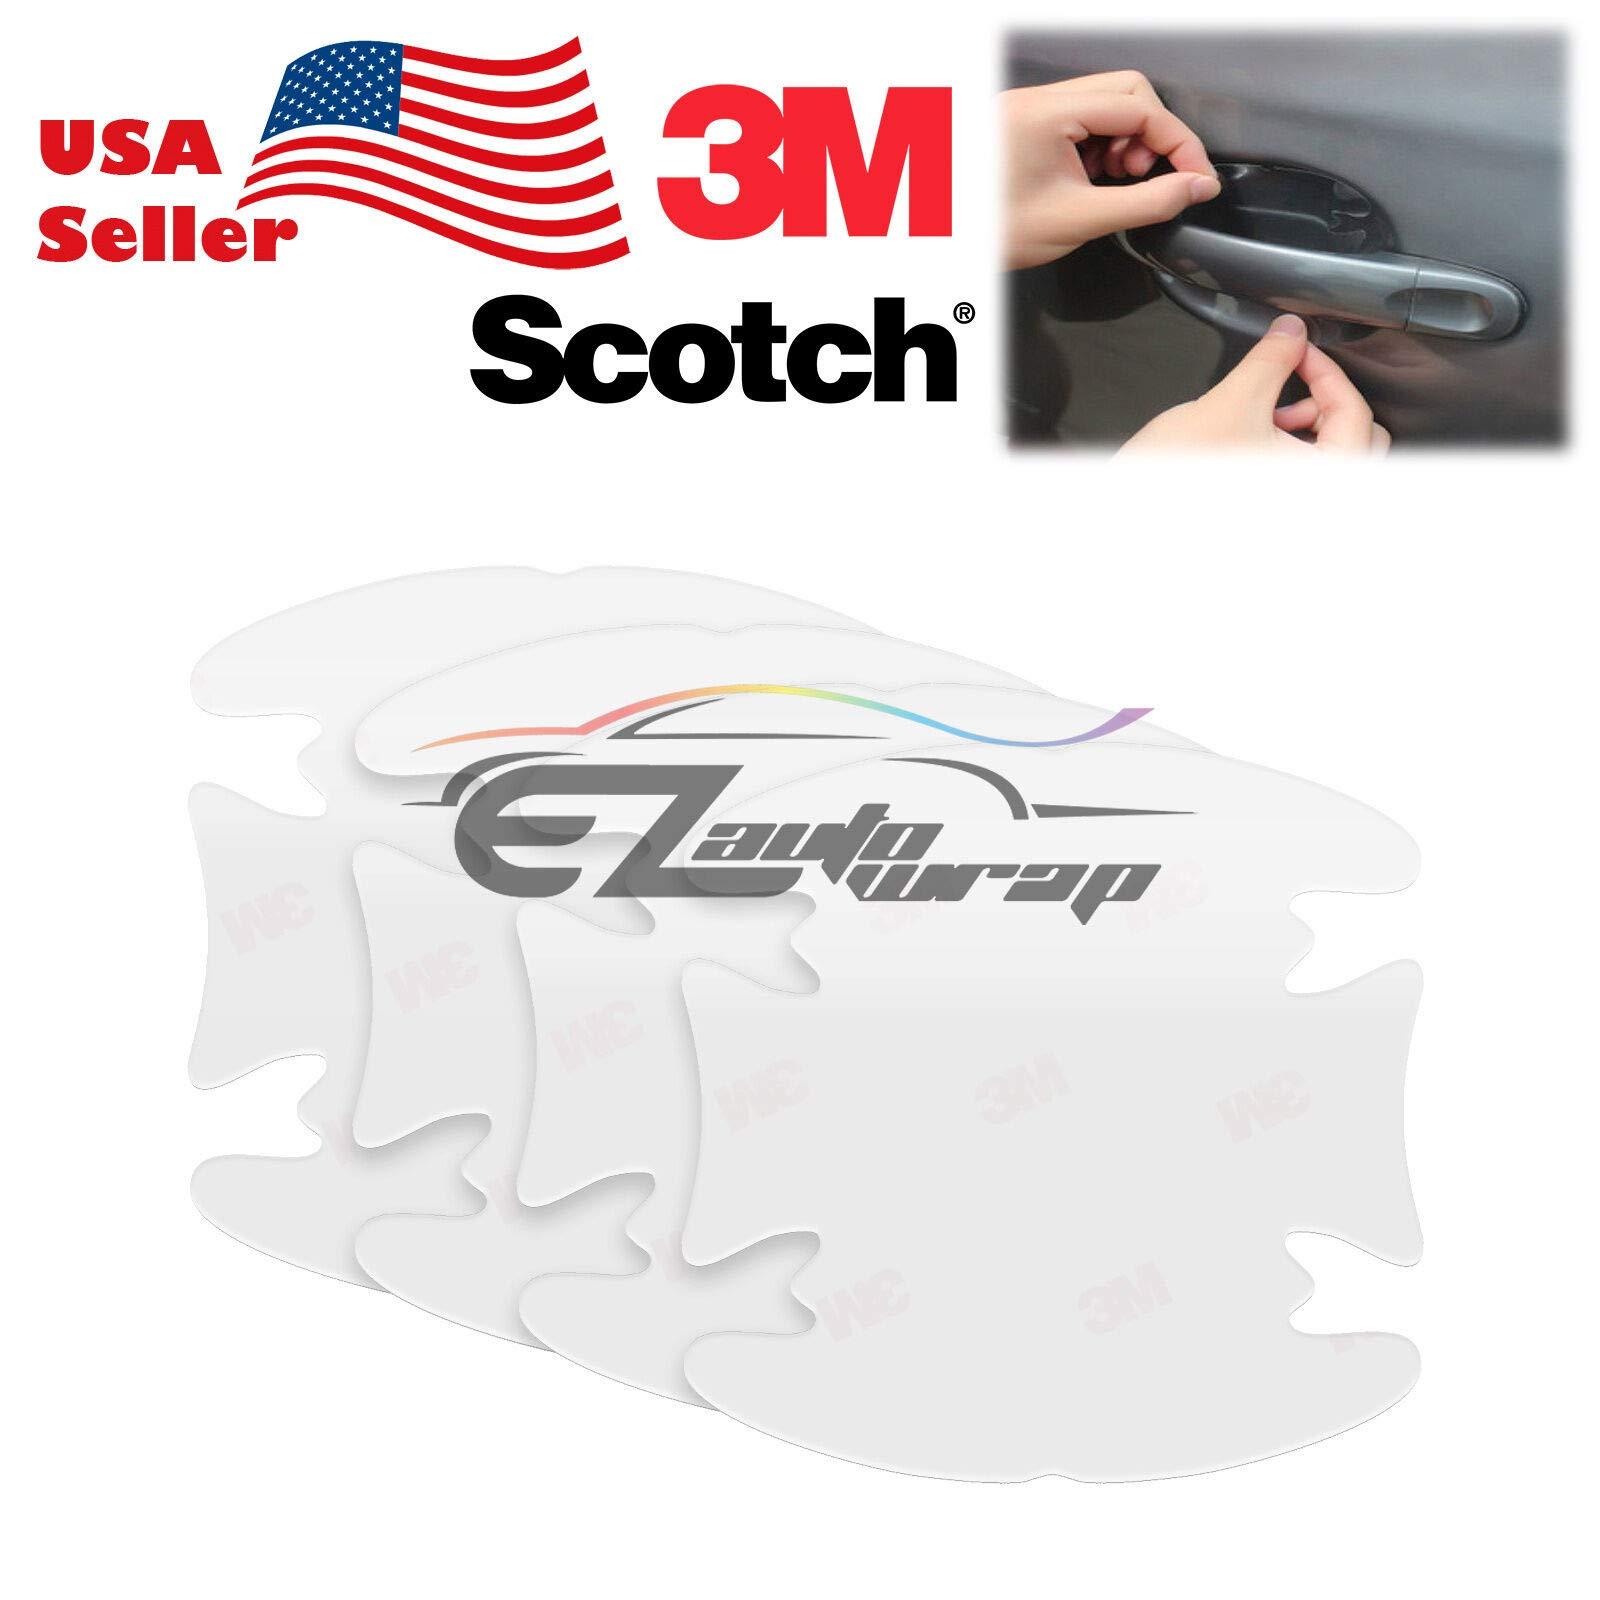 EZAUTOWRAP 4PCs 3M Scotchguard Clear Door Cup Handle Paint Scratch Protection Guard Film Bra Vinyl Style 1 by EZAUTOWRAP (Image #1)